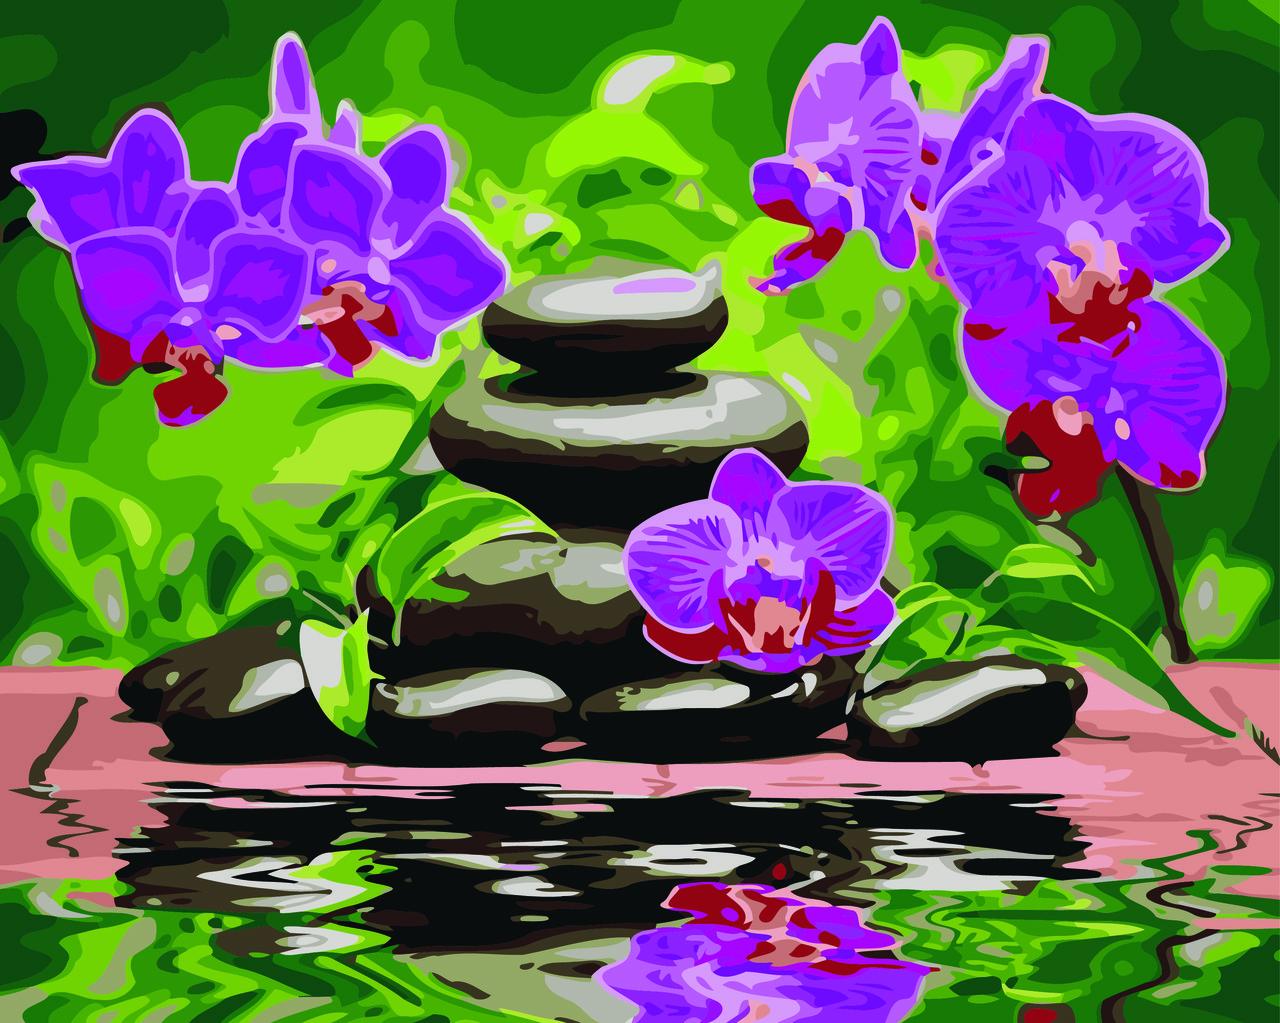 Картина по номерам Орхидея на камнях, 40x50 см., Домашнее искусство